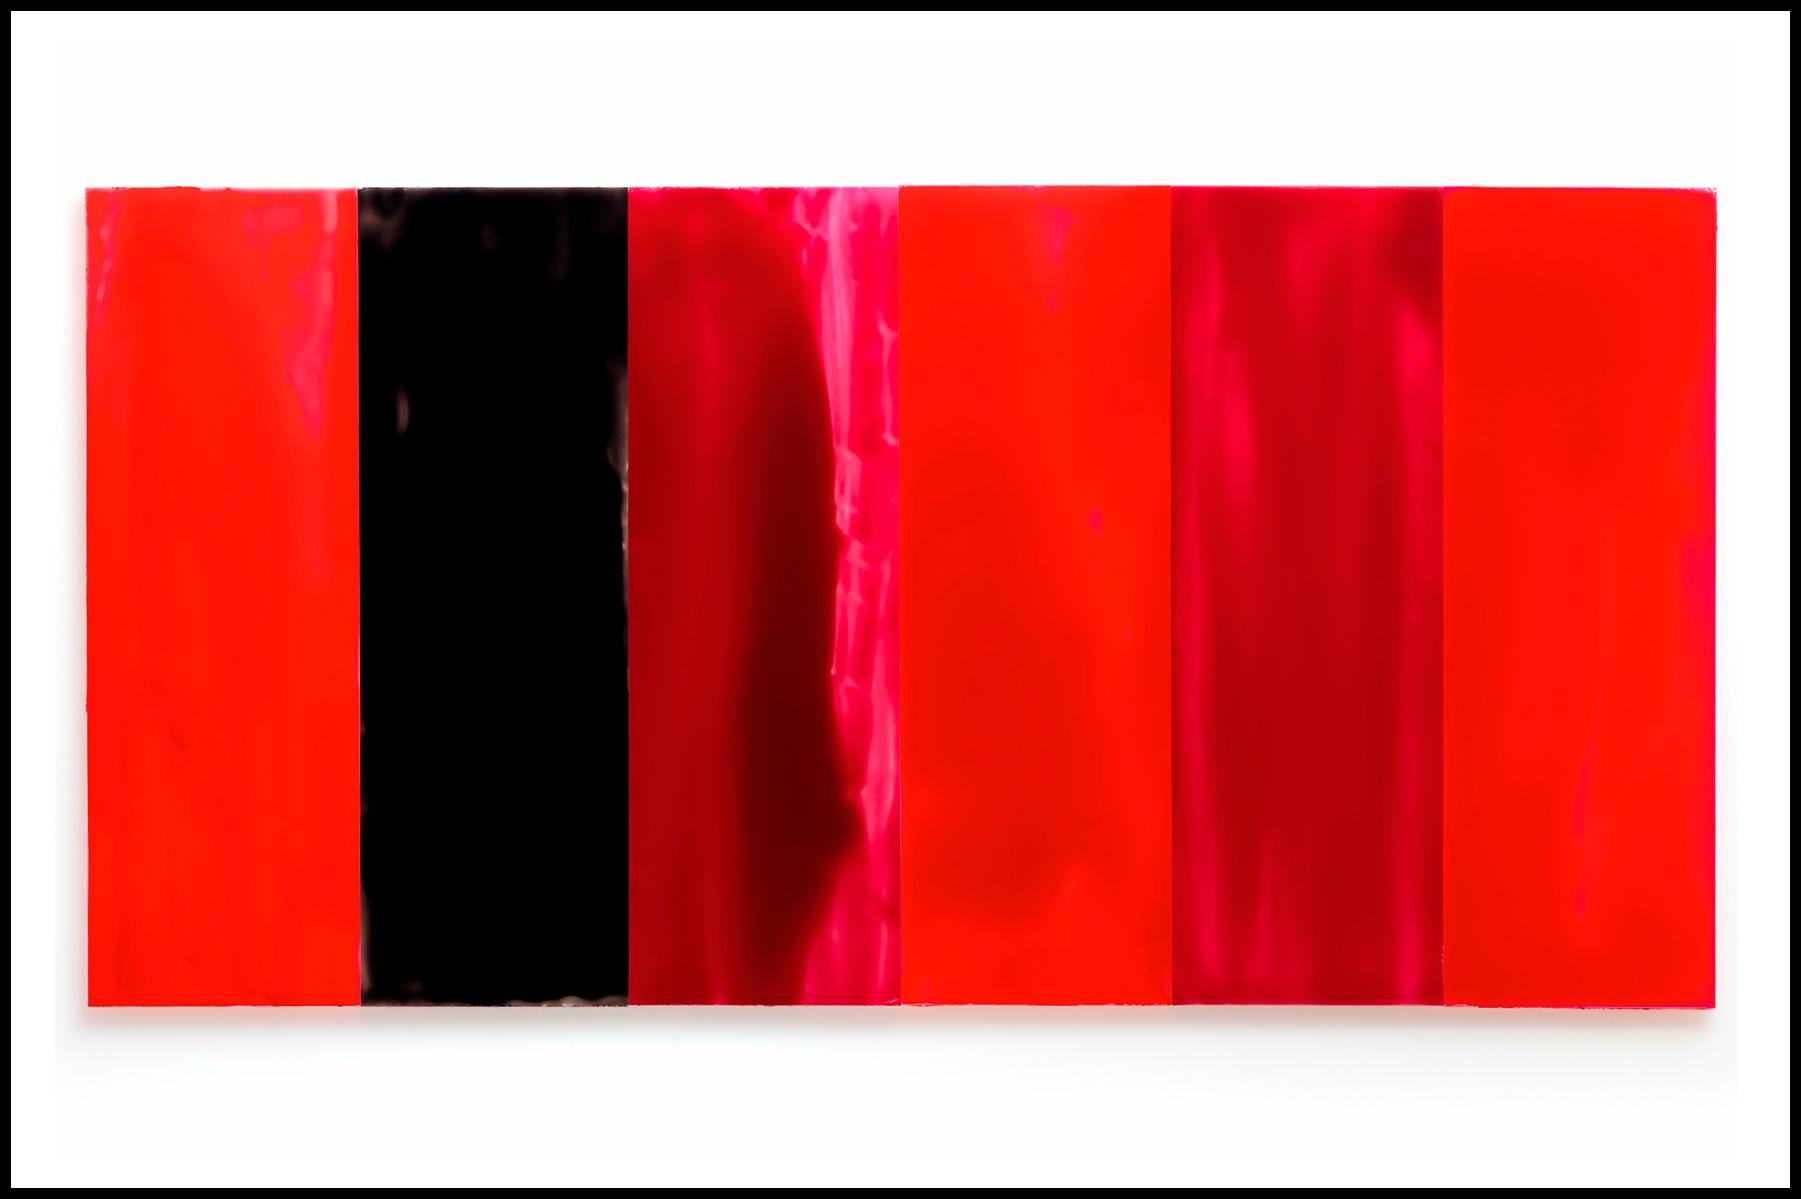 Peinture sur verre à l'aide de vernis. Réalisation Laurence Hovart. Photographie Eric Maillet. Numéro 127.